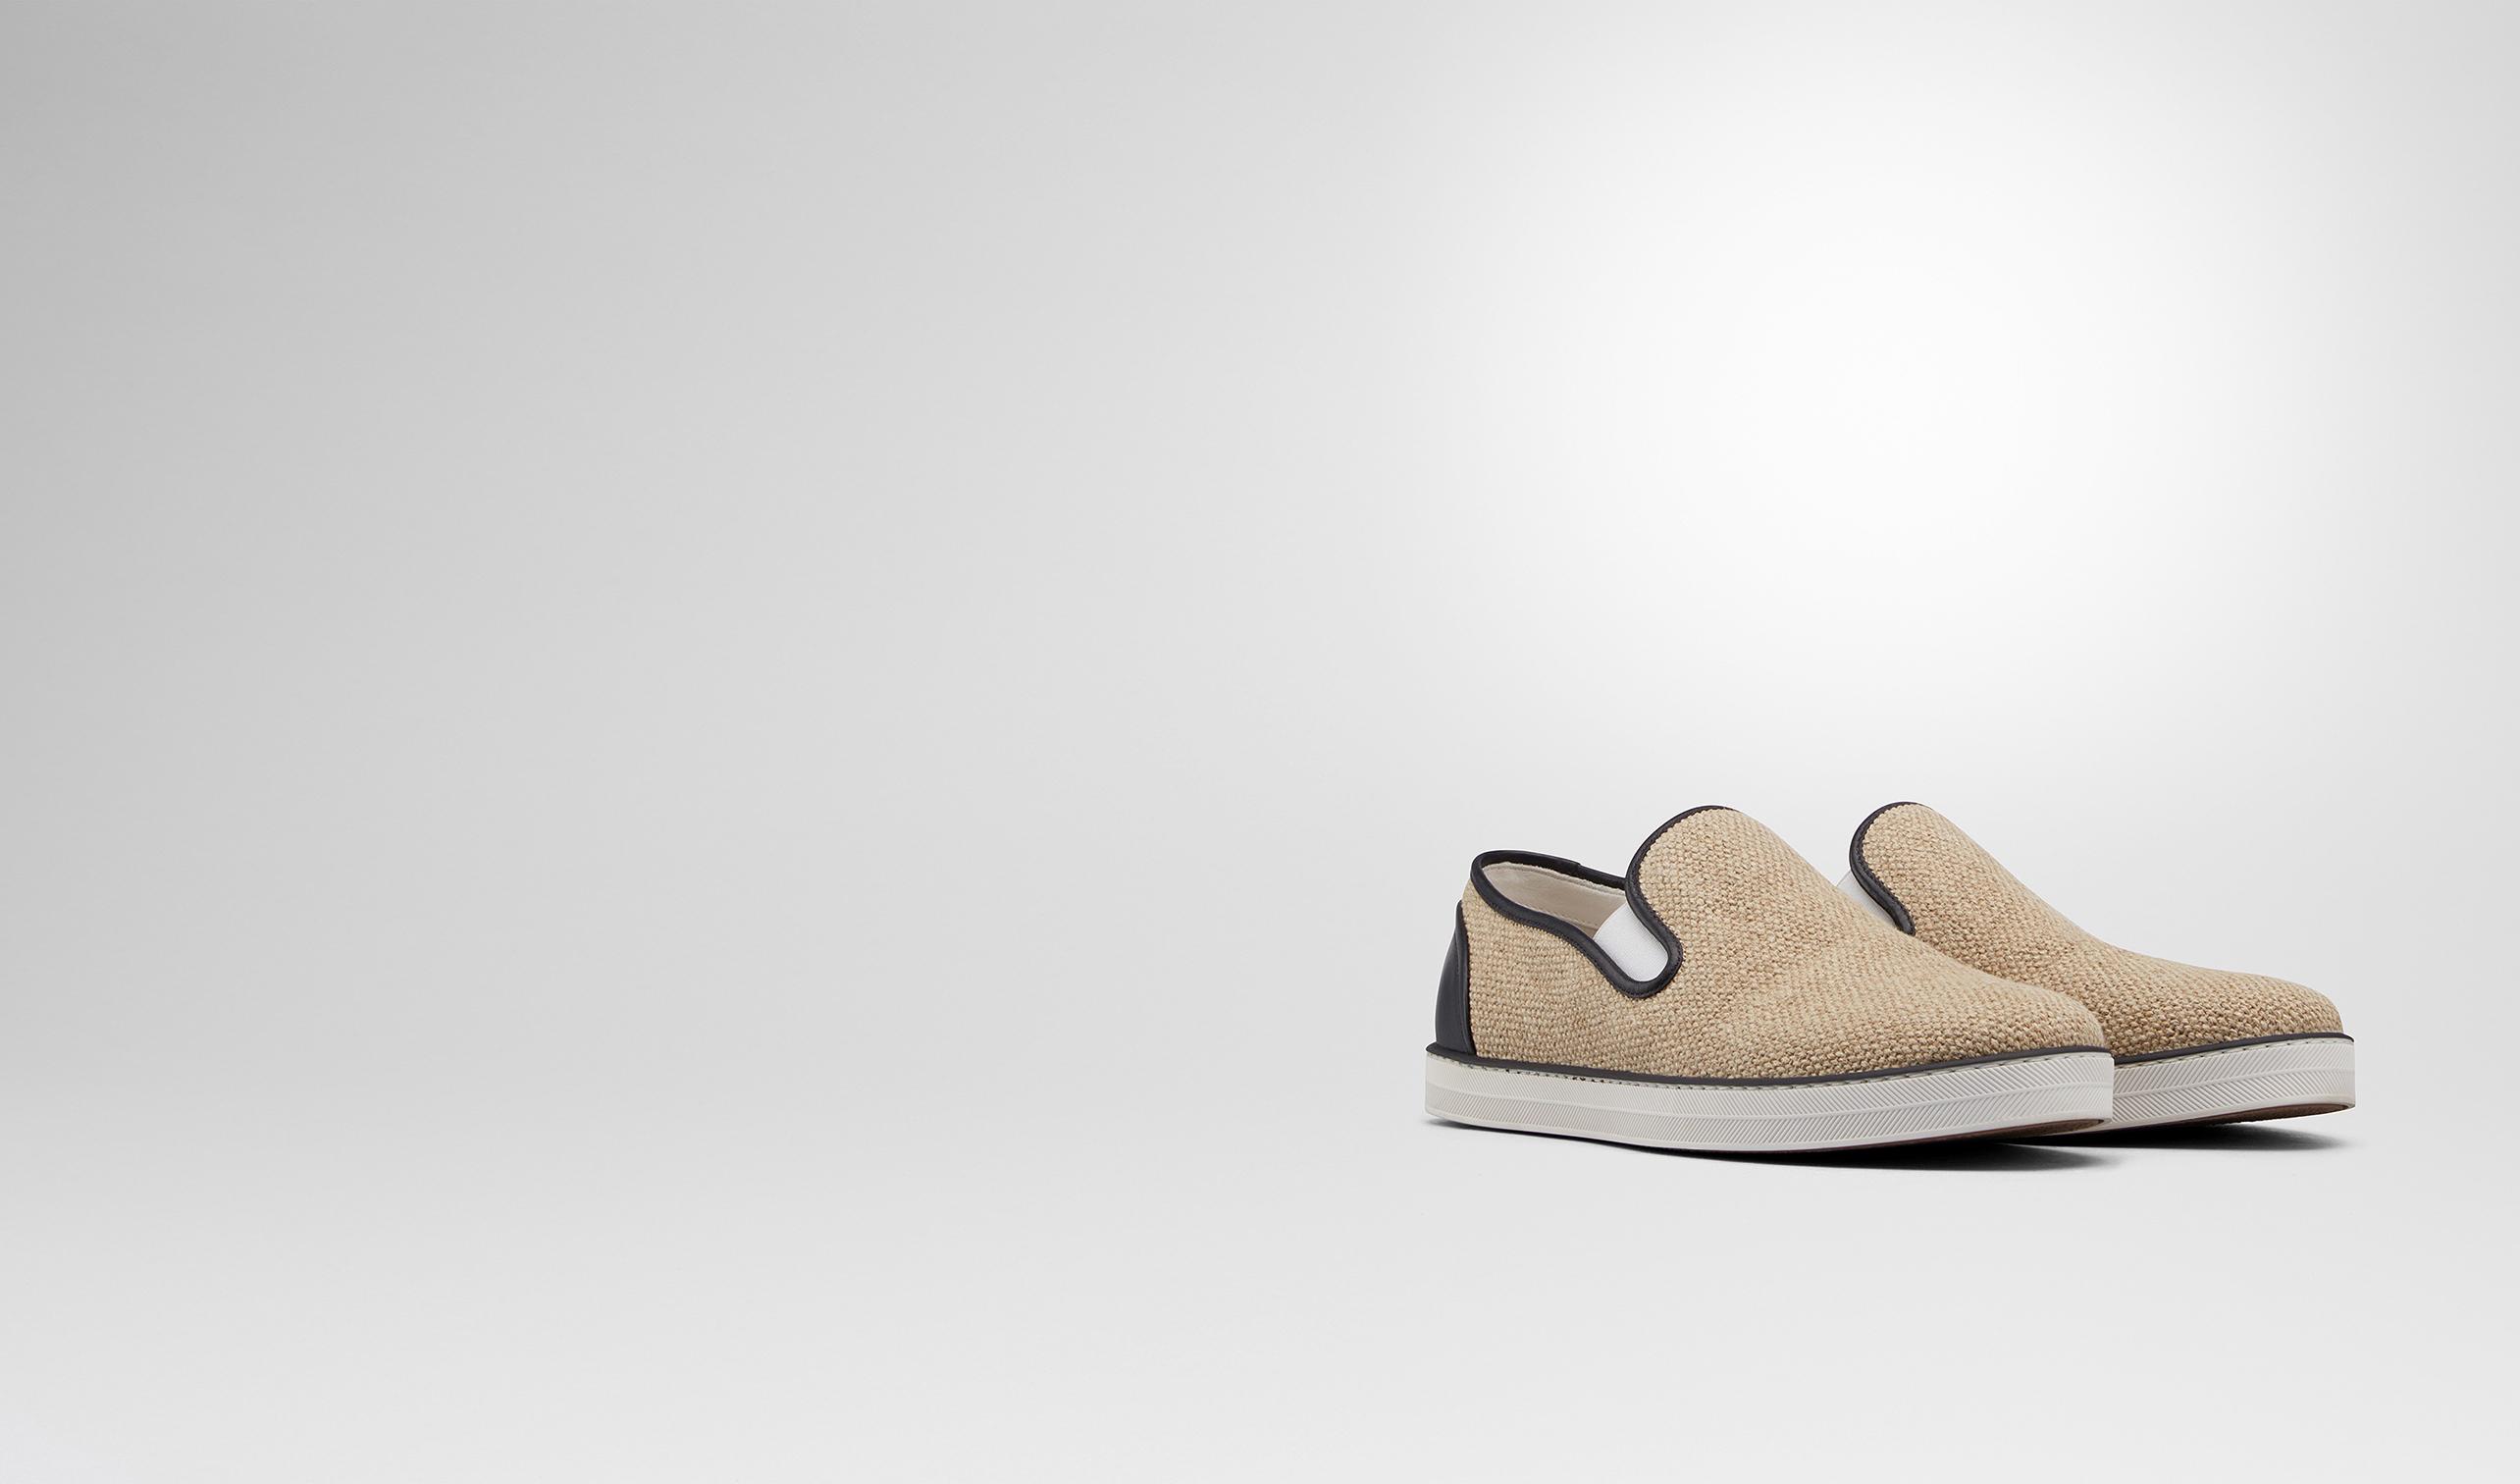 BOTTEGA VENETA Sneakers D SNEAKER IN NATURALE CANVAS AND NERO CALF pl